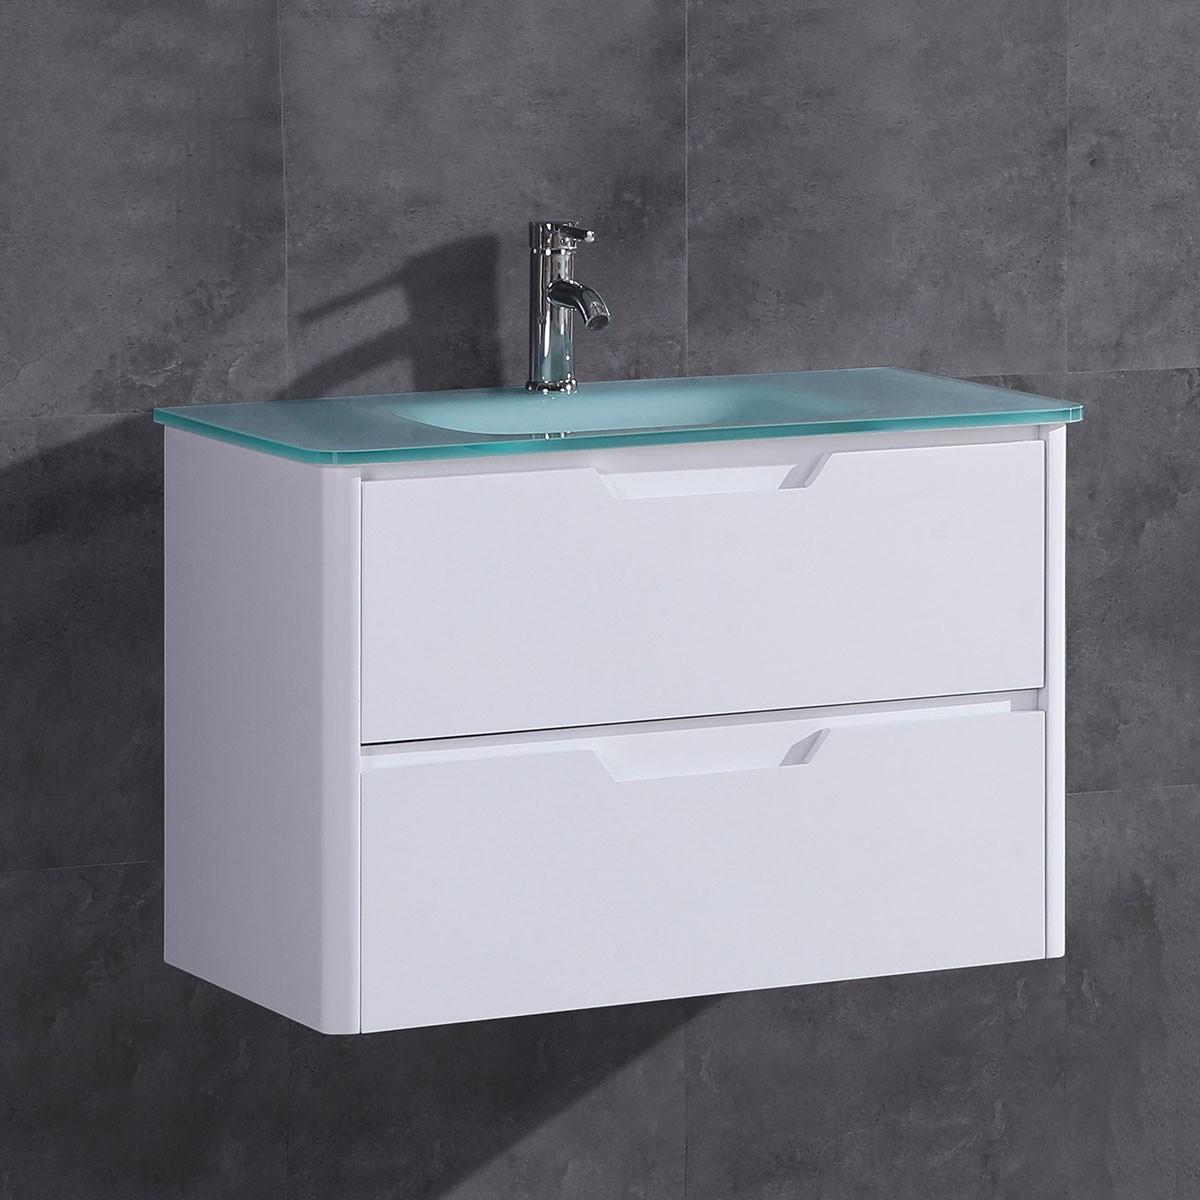 32 po Vanité en MDF avec lavabo (DK-TH22119-V)